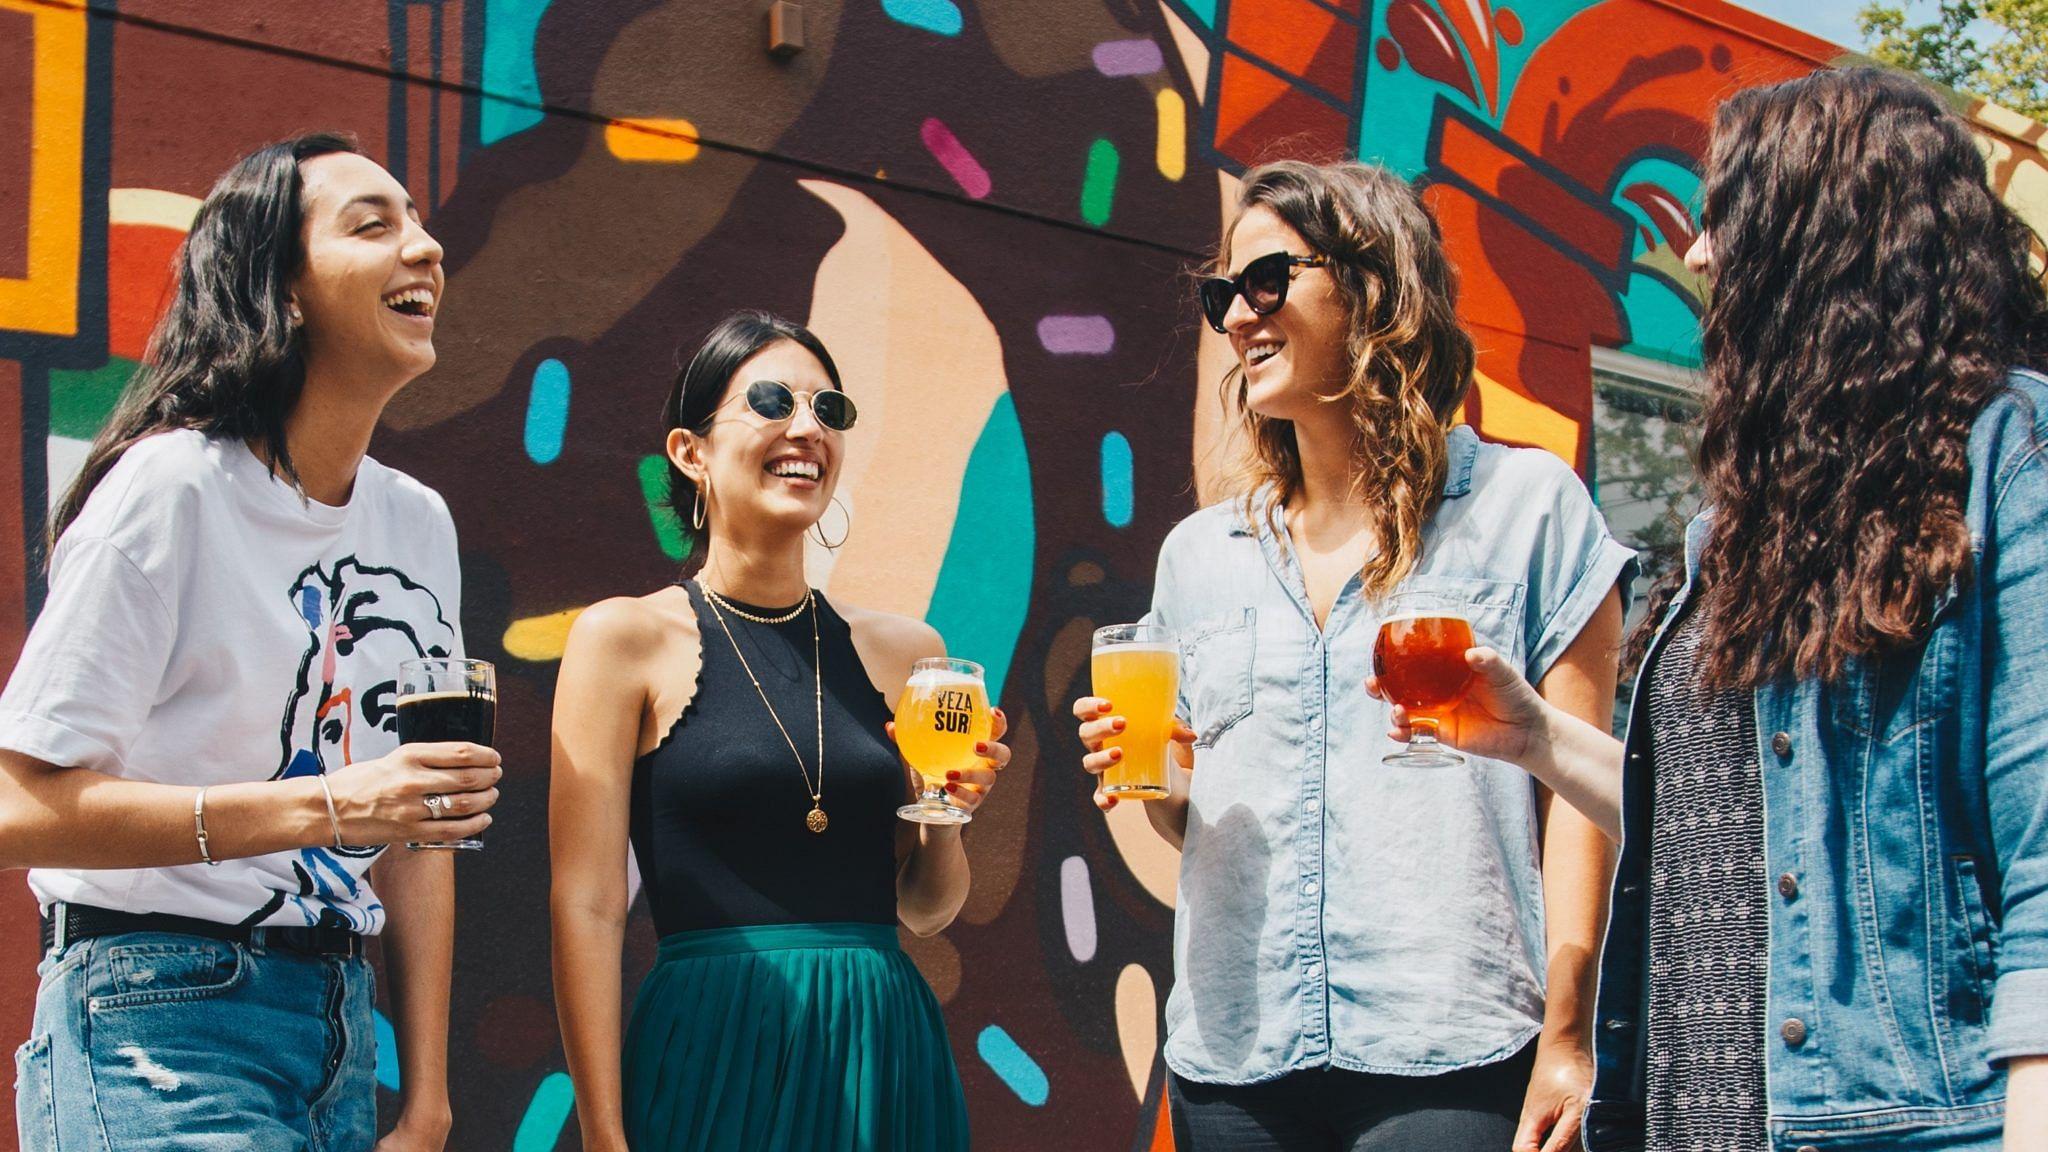 Vergünstigungen für Studenten: Günstiger essen und trinken